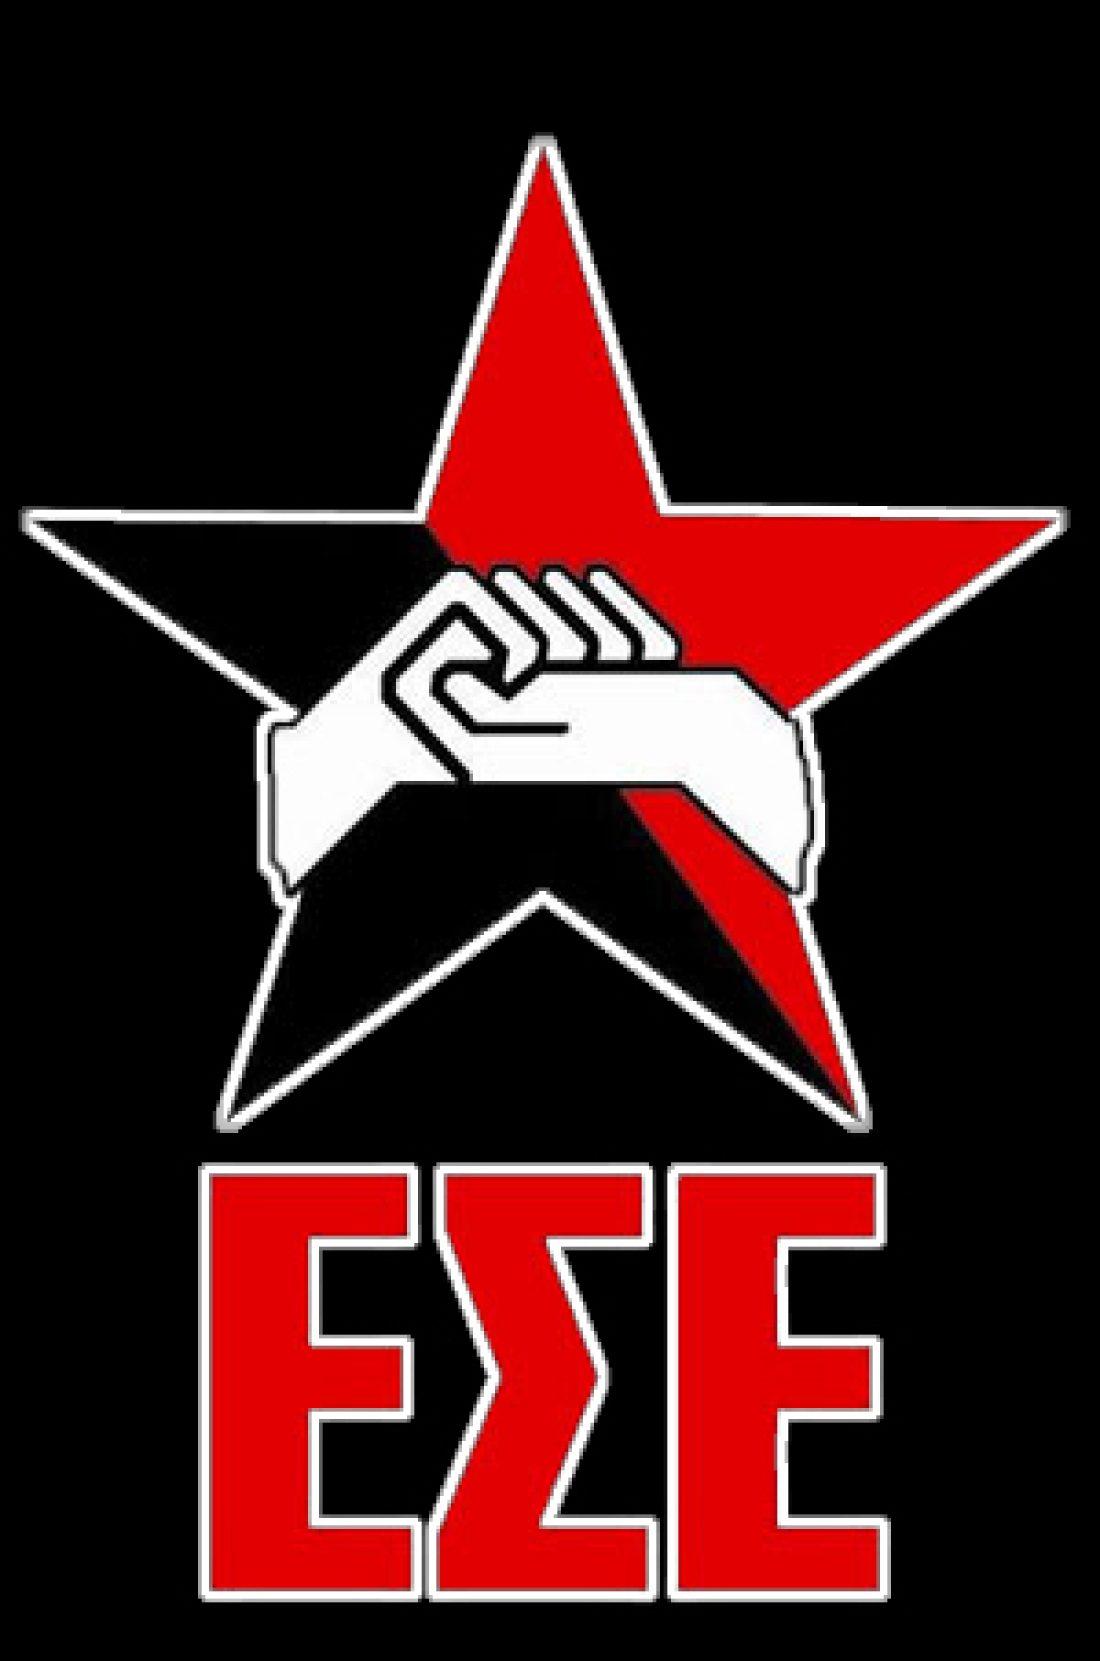 Comunicado de la Unión Sindical Libertaria (ESE). Unión Local de Atenas